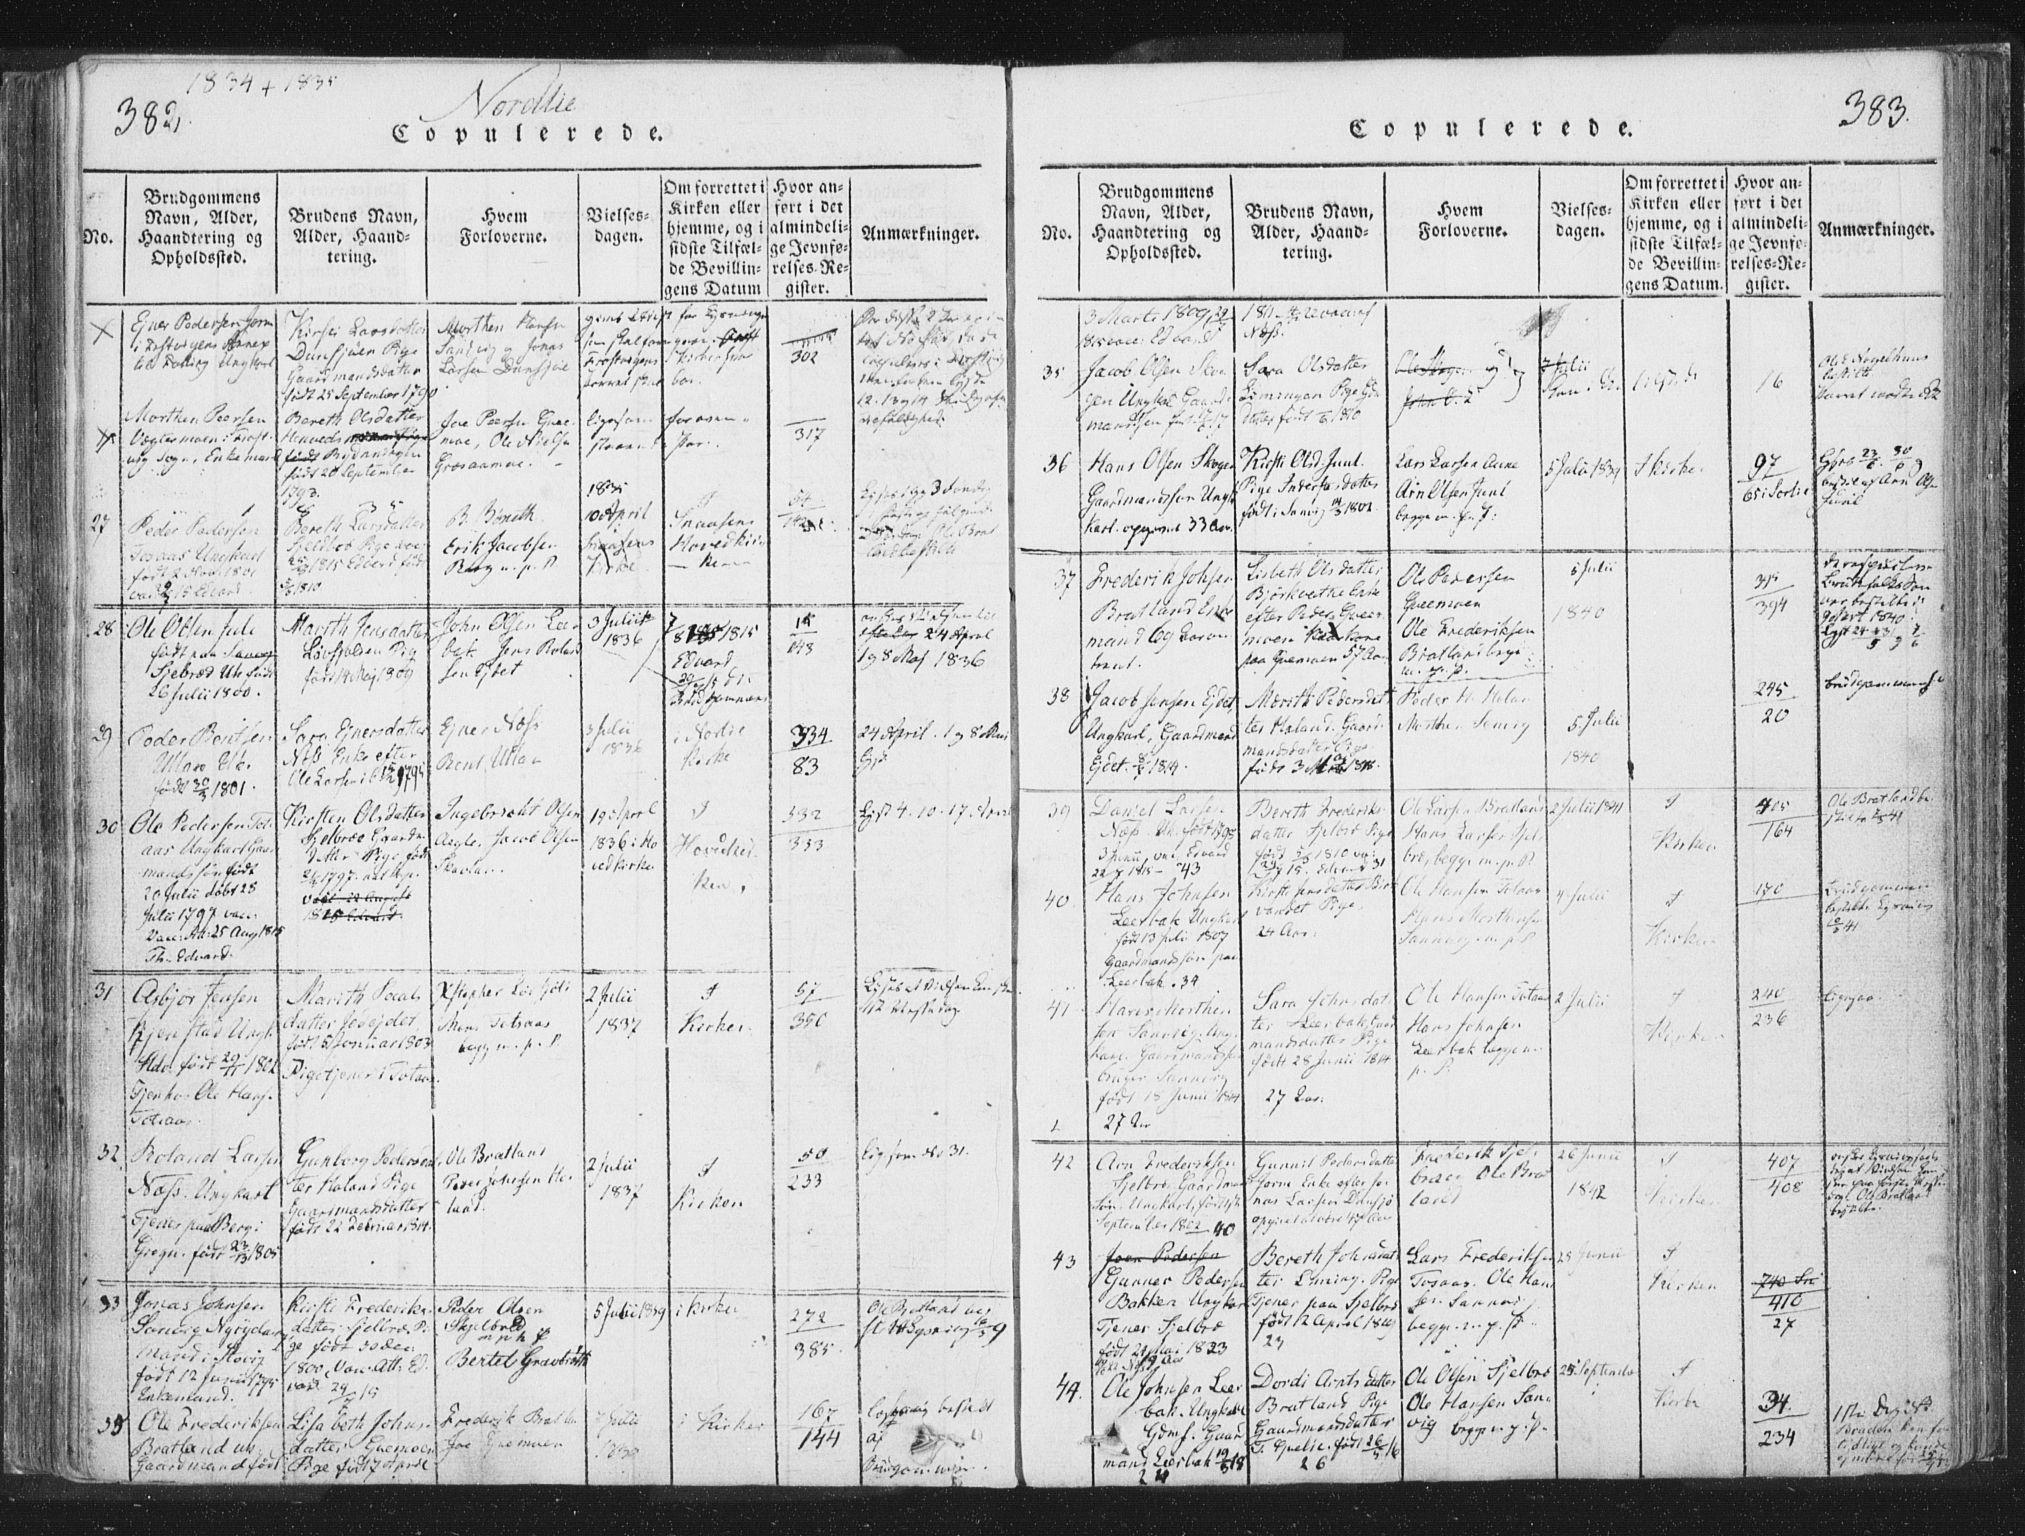 SAT, Ministerialprotokoller, klokkerbøker og fødselsregistre - Nord-Trøndelag, 755/L0491: Ministerialbok nr. 755A01 /1, 1817-1864, s. 382-383